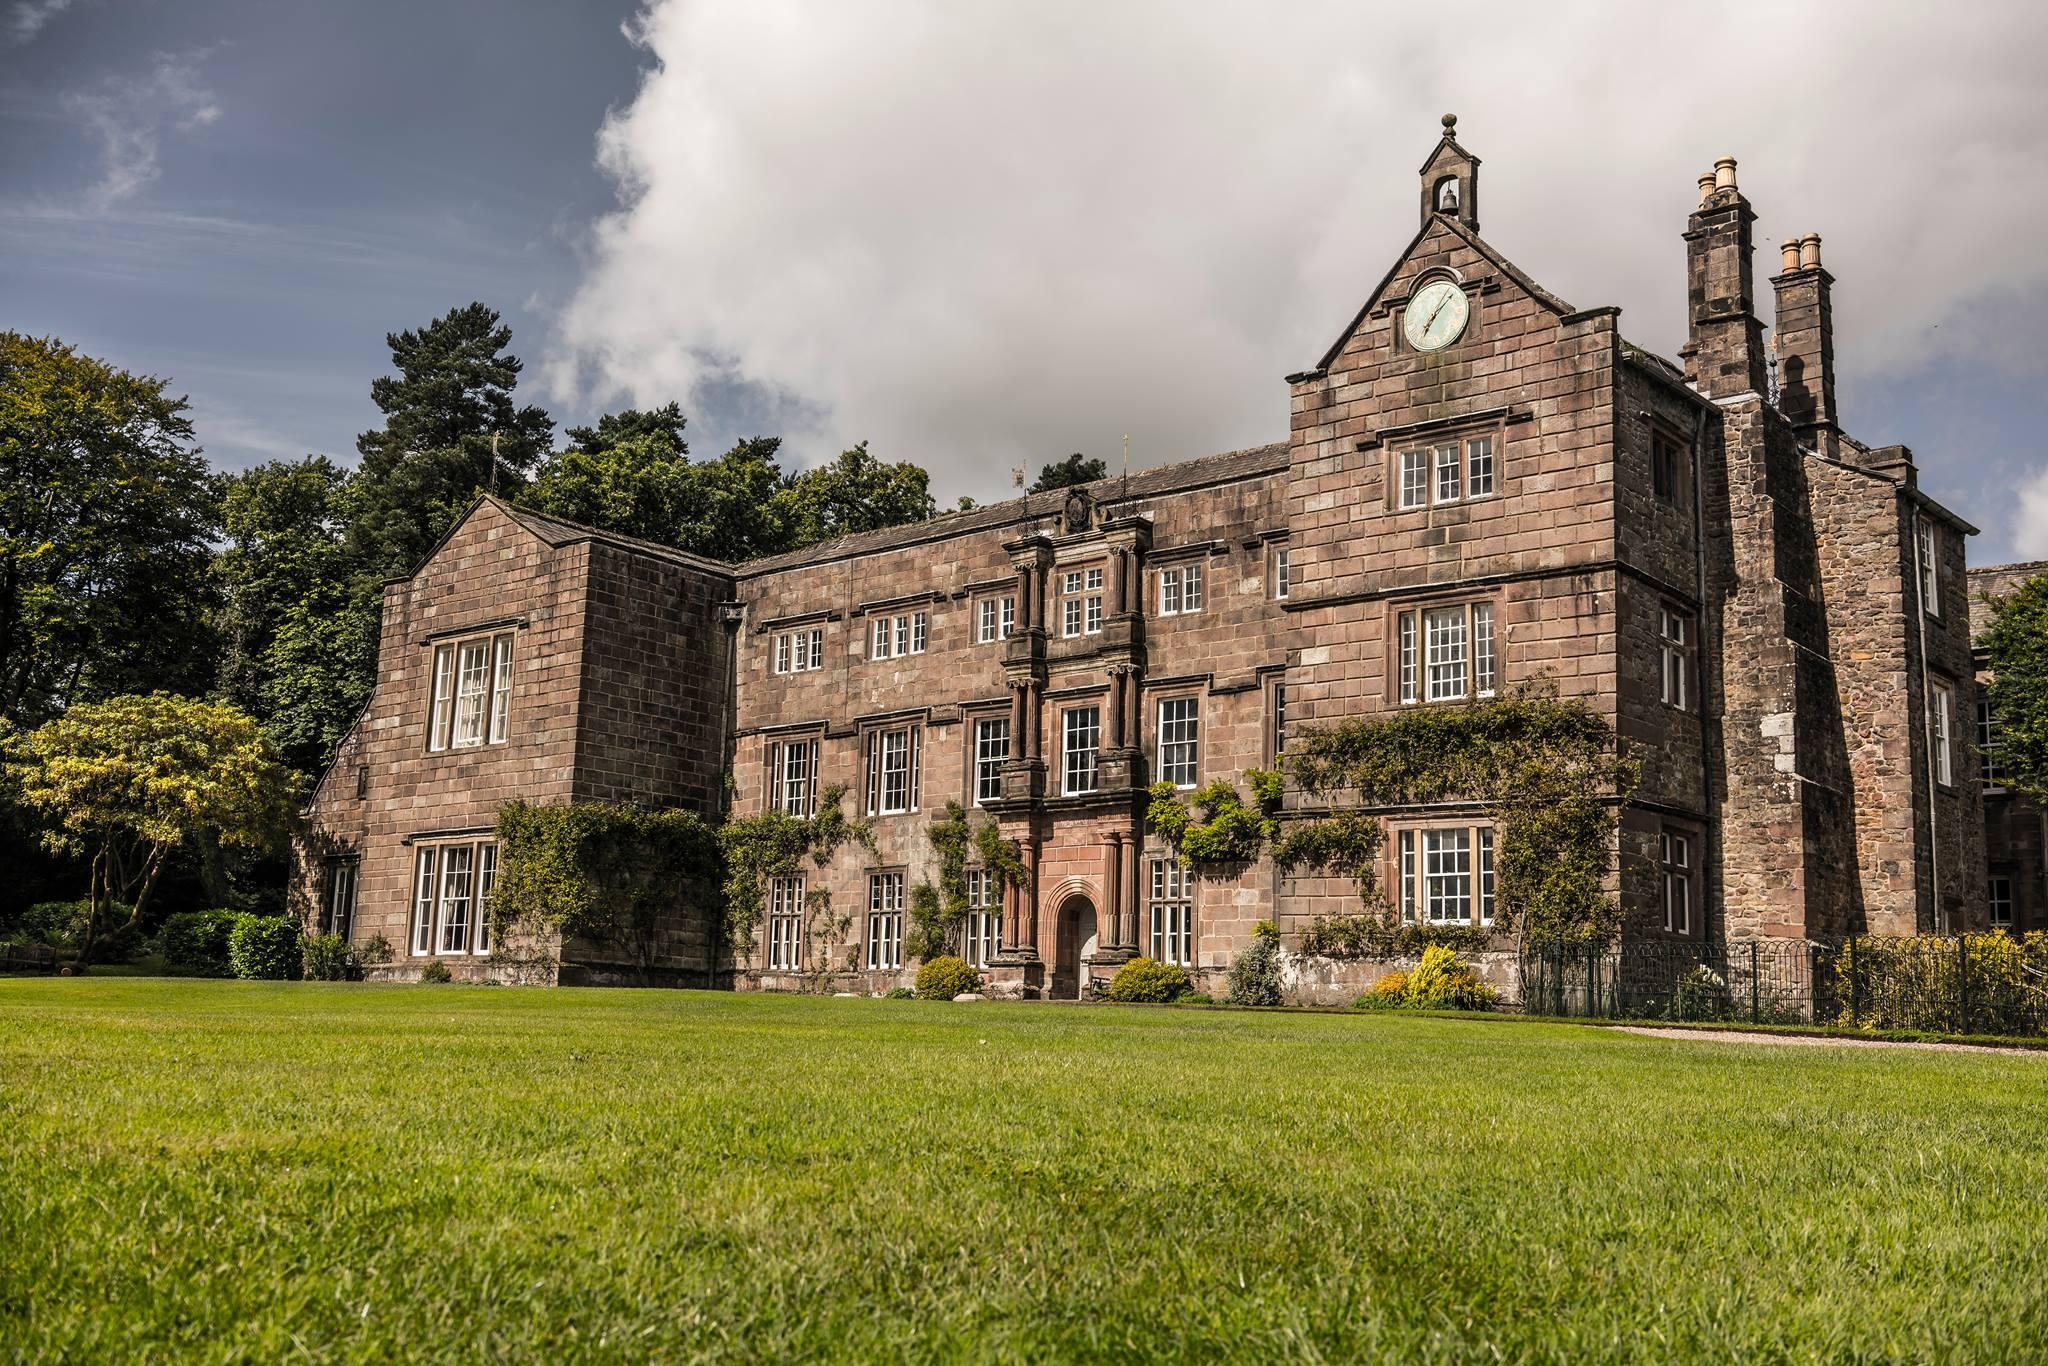 Browsholme Hall & Gardens